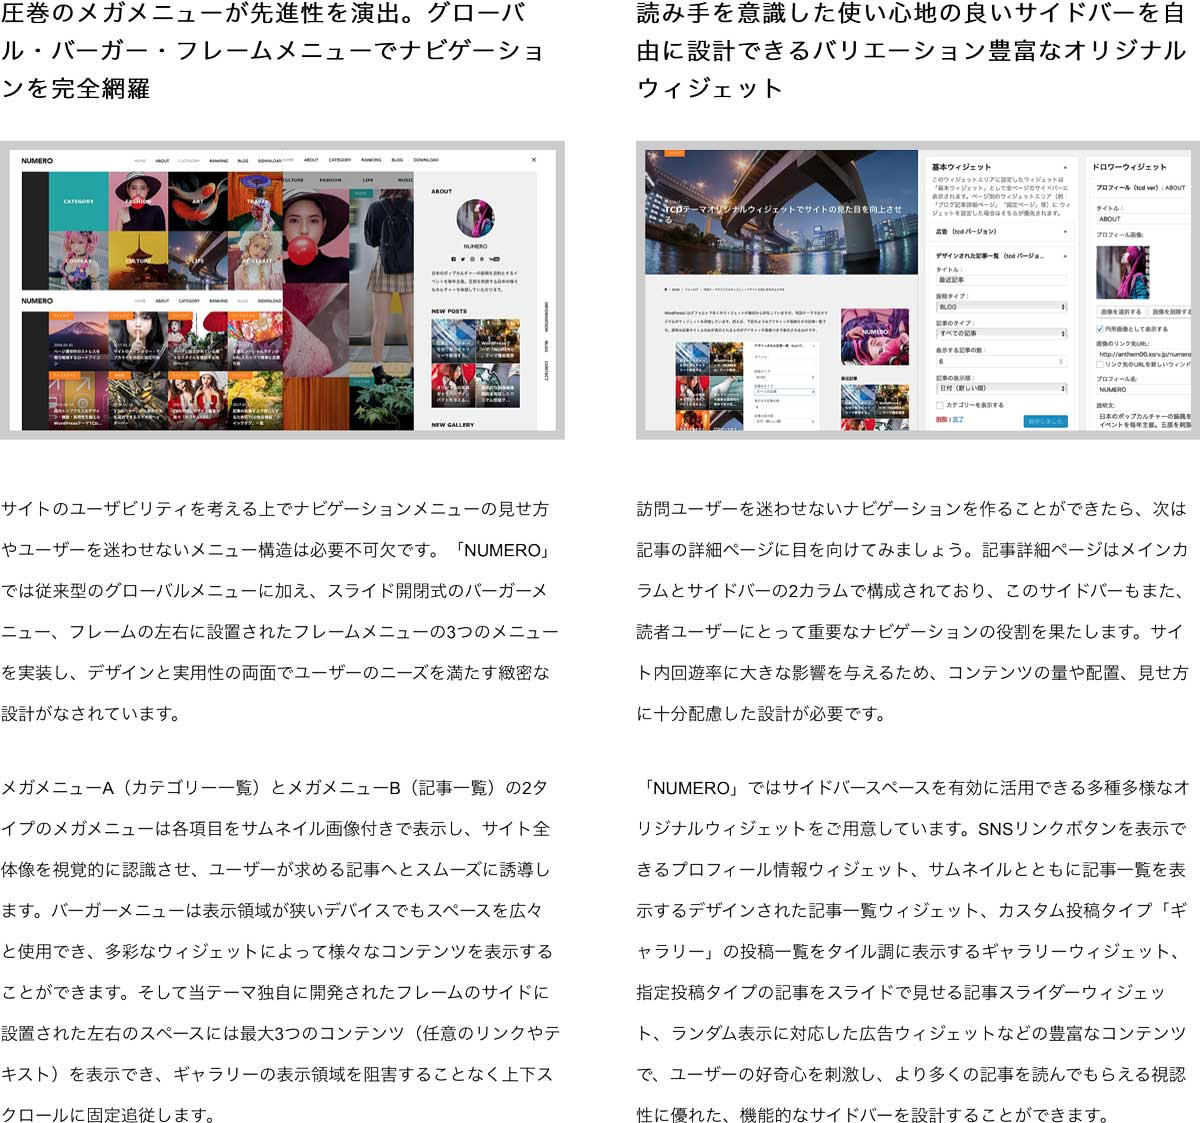 画像レタッチ機能を搭載したギャラリー型ブログテーマ(WPテーマ、ワードプレステーマ) wordpress_free_themes_tcd070_04